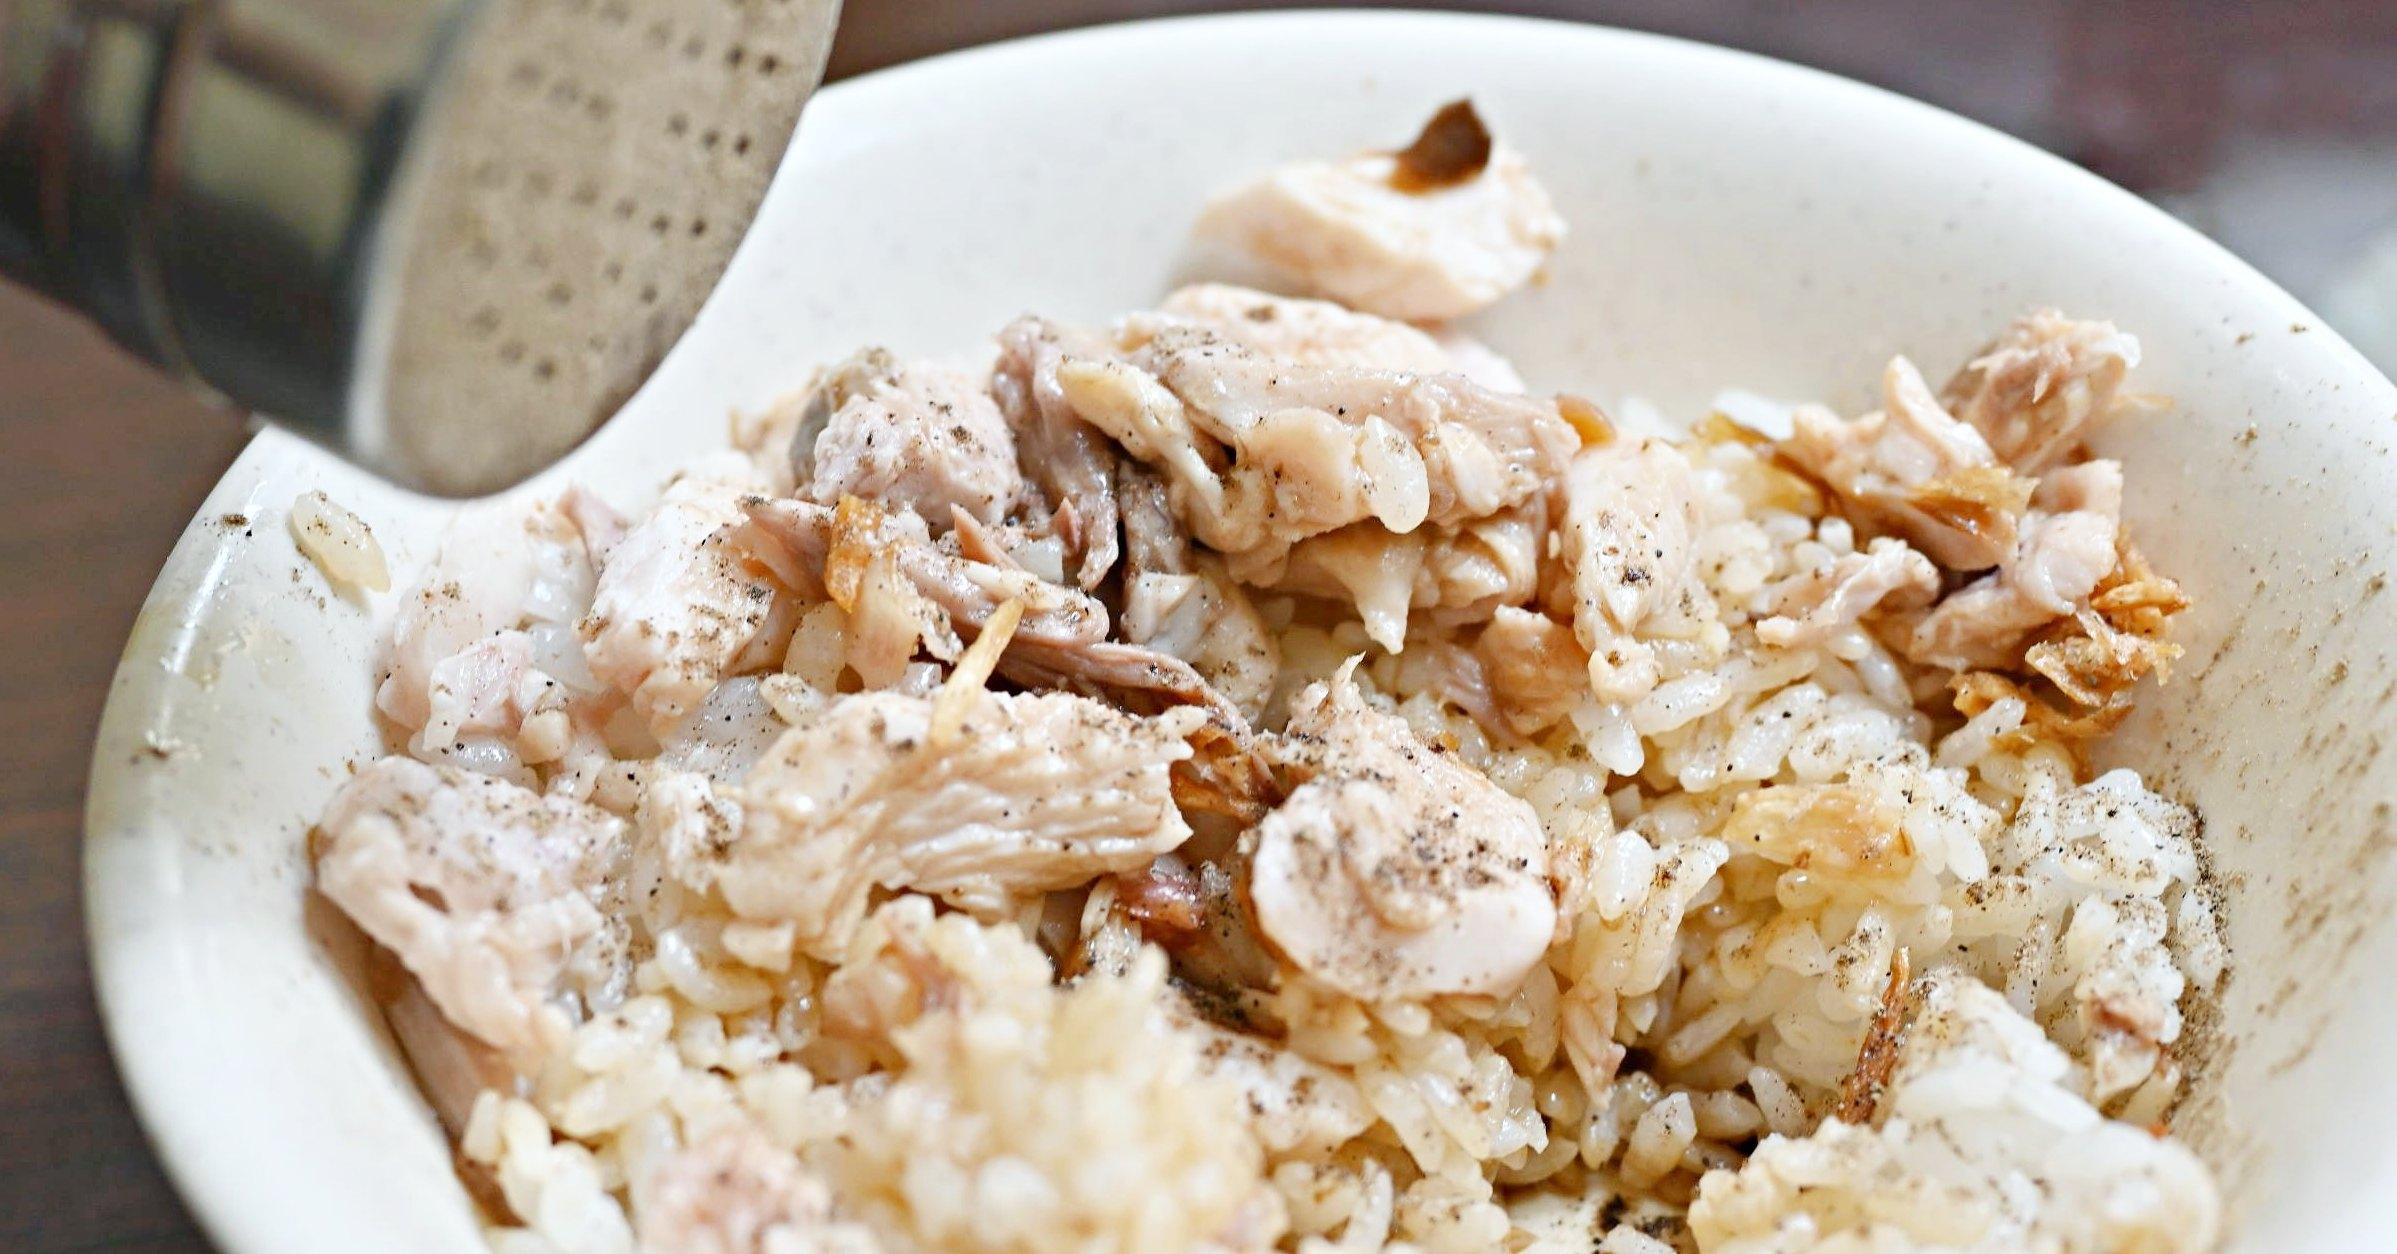 【嘉義火雞肉飯推薦】嘉義人火雞肉飯,品質回不去的雞肉飯